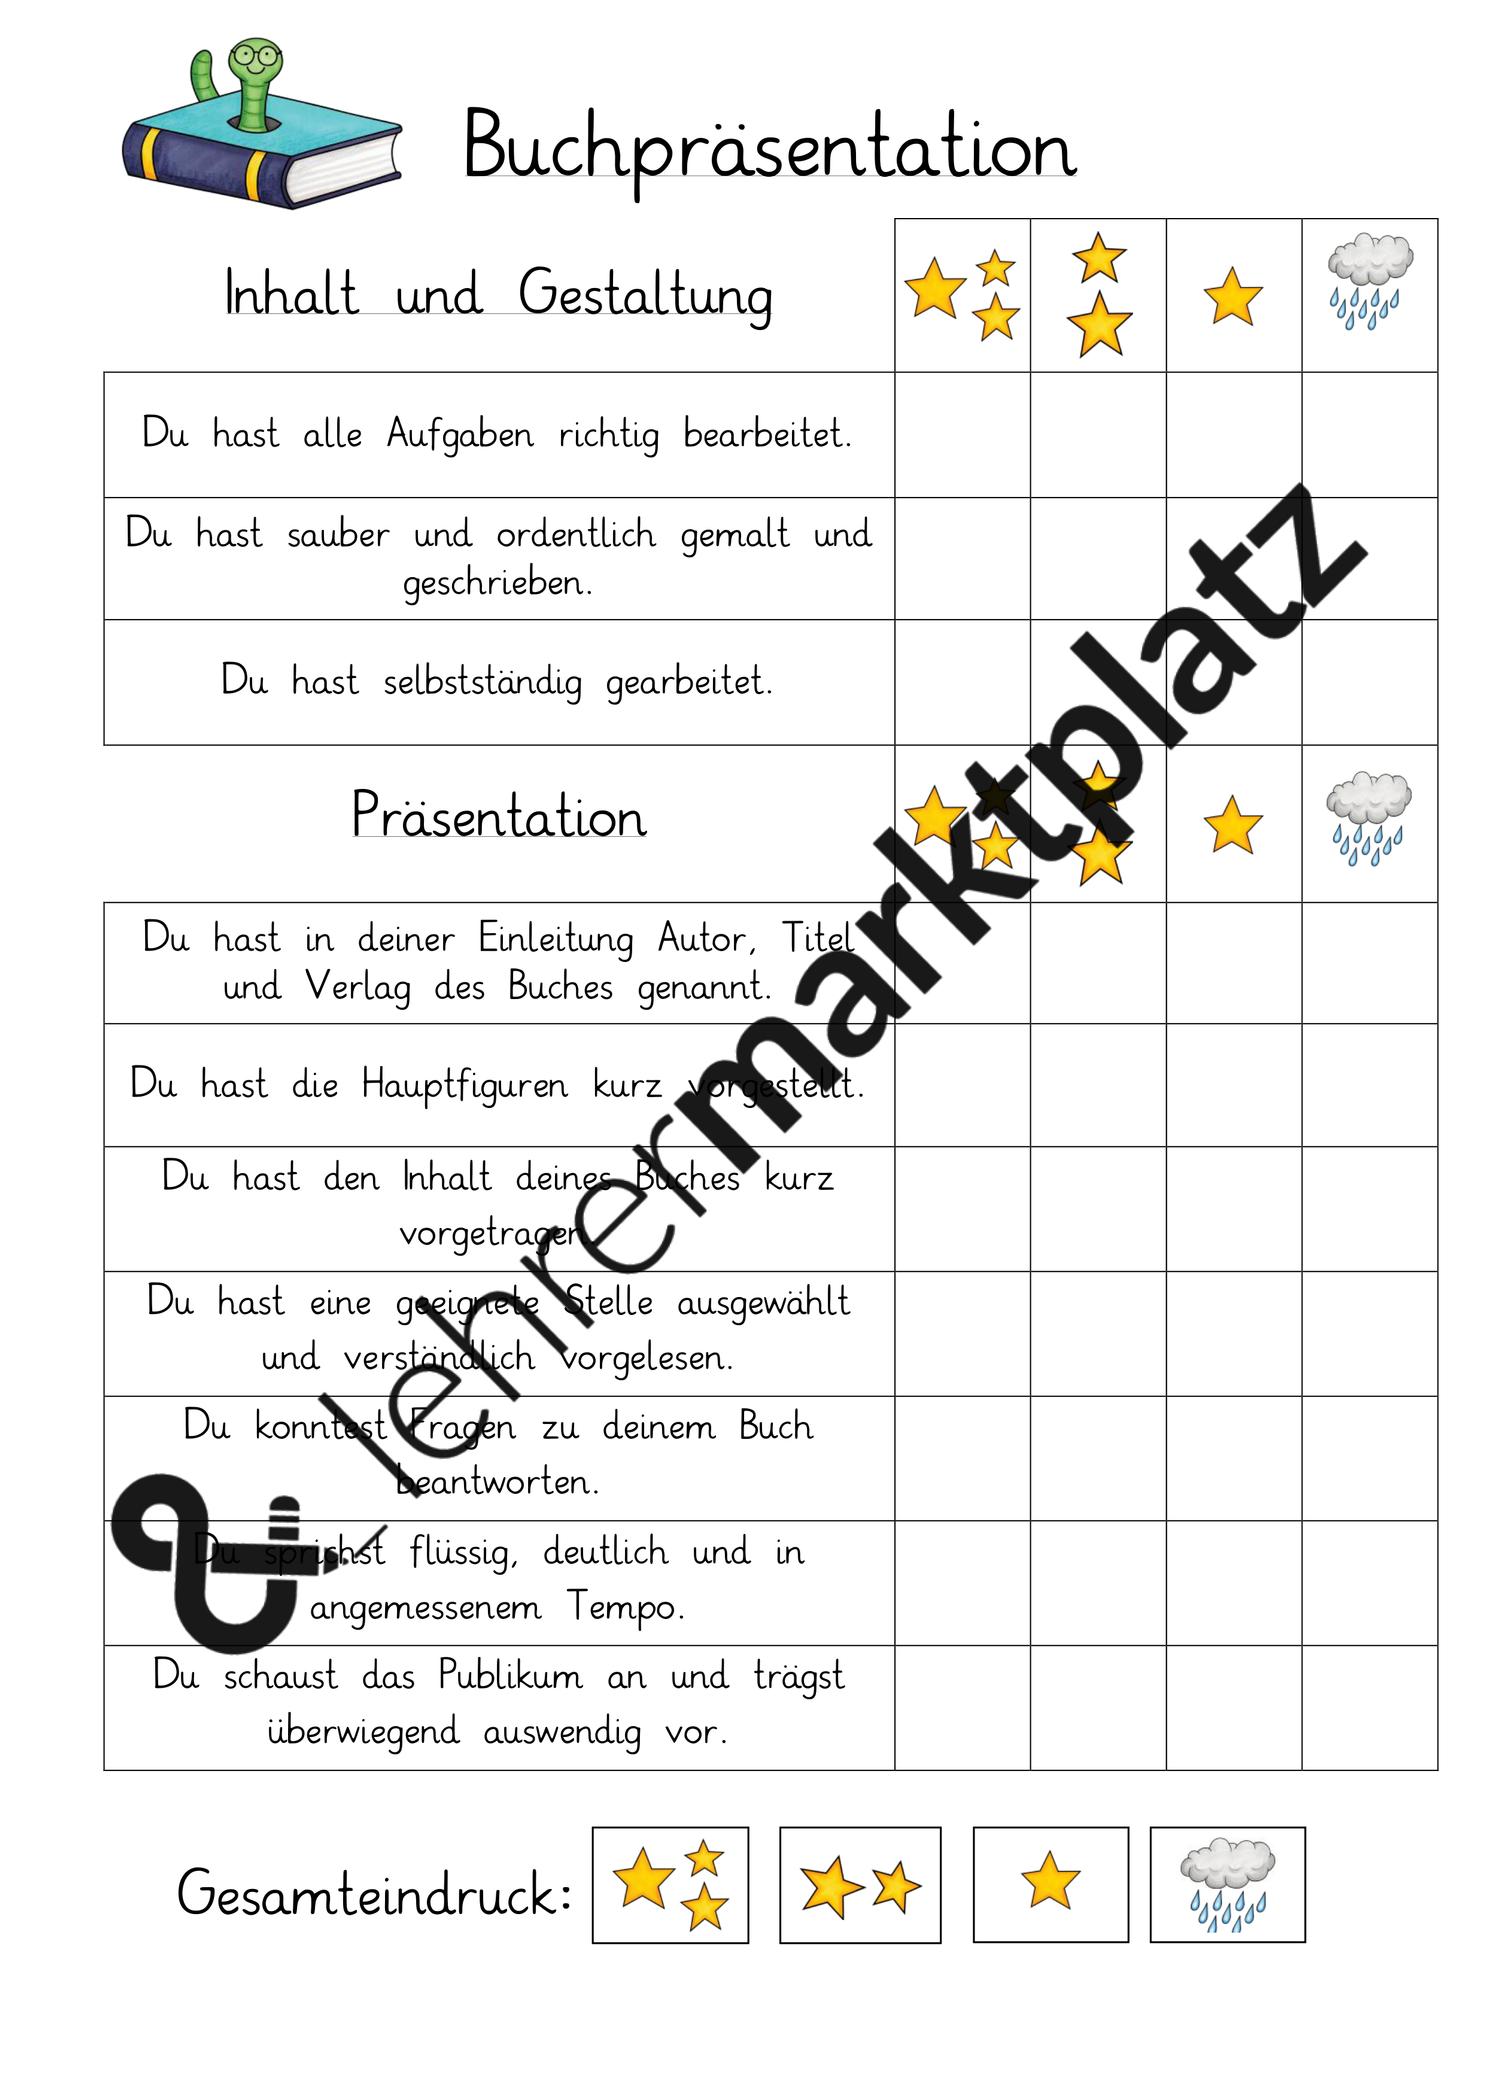 Buchprasentation Bewertungsraster Unterrichtsmaterial Im Fach Deutsch Buchvorstellung Grundschule Lesen Lernen Unterrichtsmaterial